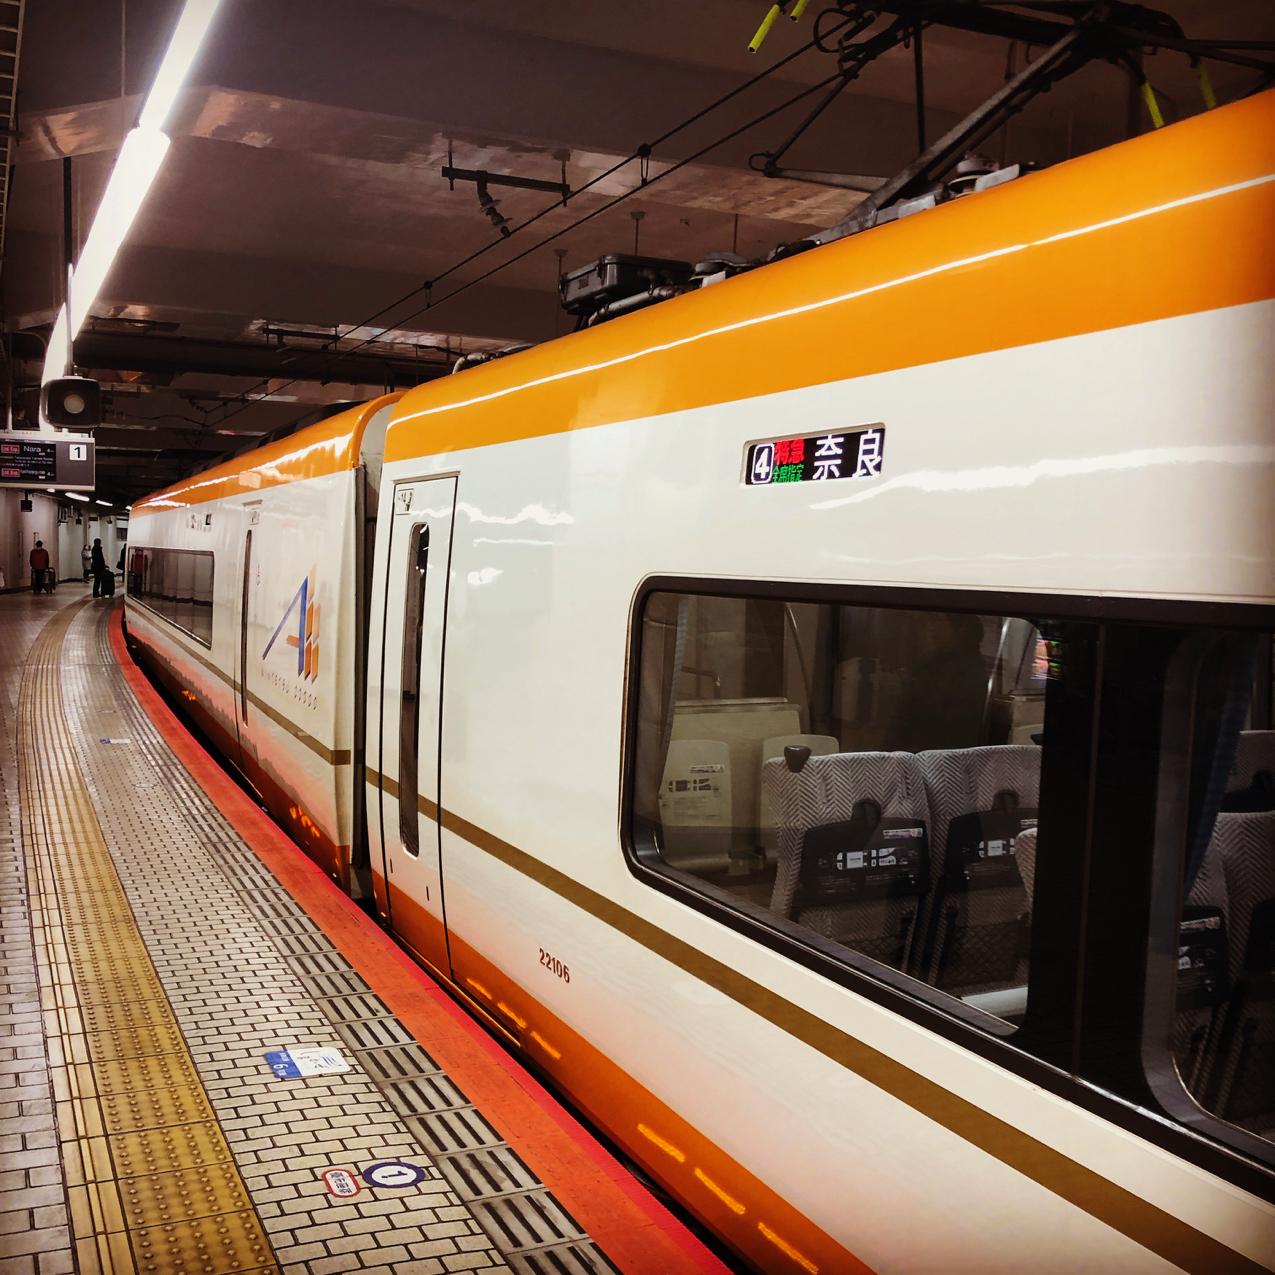 奈良市に行ったり、福井市に行ったり